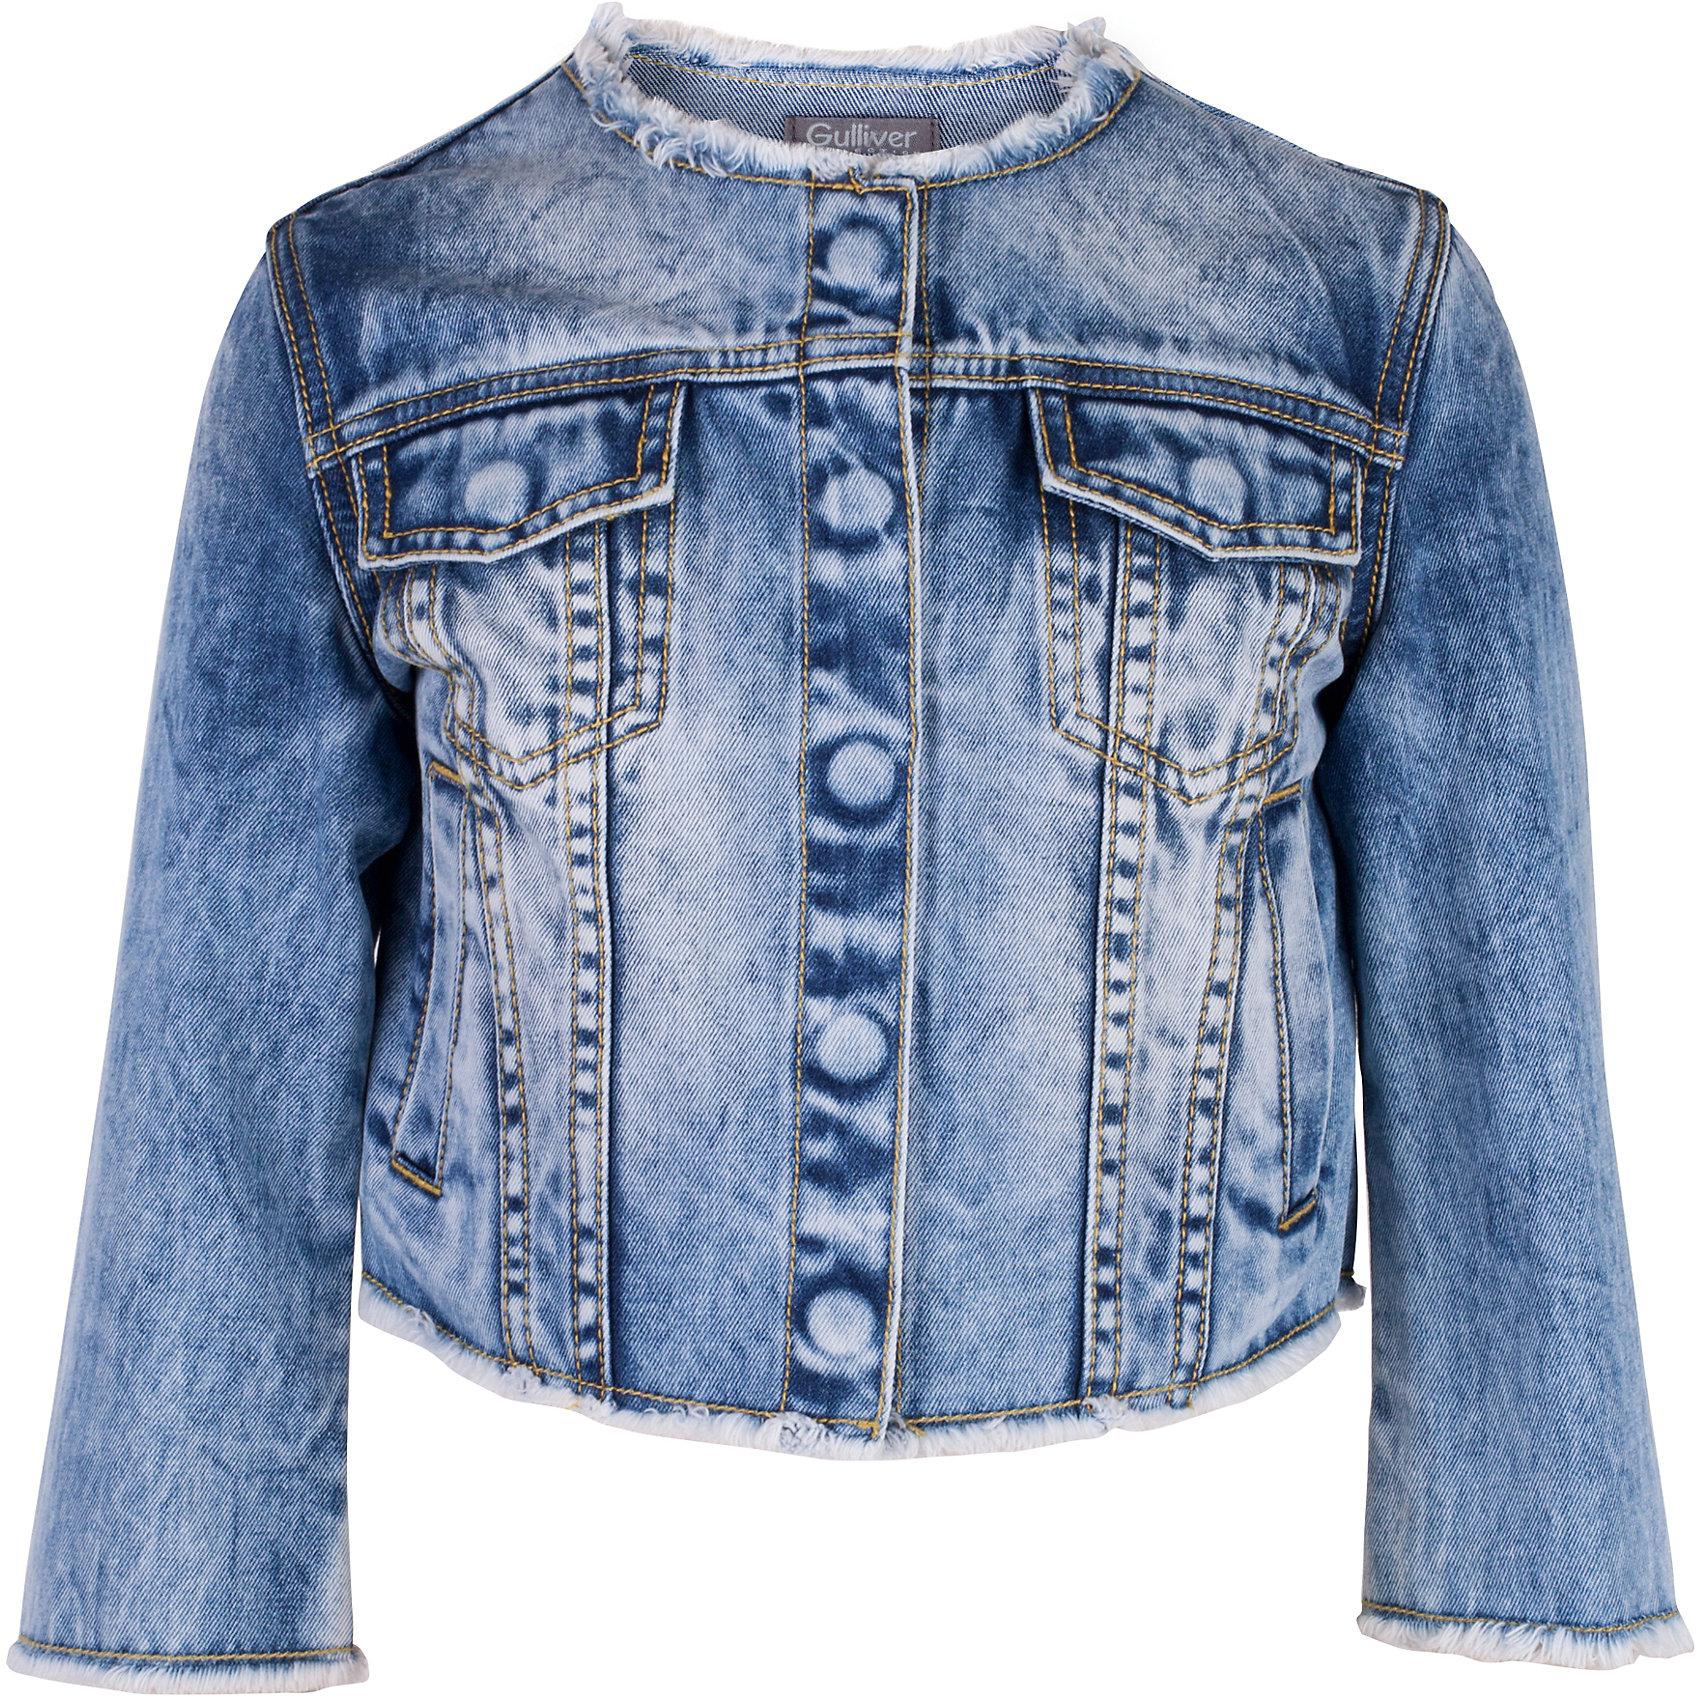 Жакет джинсовый для девочки GulliverДжинсовая одежда<br>Модная джинсовая куртка для девочки - изделие на все случаи жизни! Она прекрасно дополнит любой образ в стиле casual, став незаменимым атрибутом современного динамичного гардероба. Голубая куртка с модными потертостями, заминами и варкой выполнена из хлопковой джинсовой ткани, что делает ее очень комфортной и практичной в носке. Джинсовая детская куртка - отличный вариант на каждый день. Она придаст любому комплекту завершенность, сделав образ ярким и многослойным.<br>Состав:<br>100% хлопок<br><br>Ширина мм: 356<br>Глубина мм: 10<br>Высота мм: 245<br>Вес г: 519<br>Цвет: голубой<br>Возраст от месяцев: 132<br>Возраст до месяцев: 144<br>Пол: Женский<br>Возраст: Детский<br>Размер: 152,158,164,146<br>SKU: 5483140